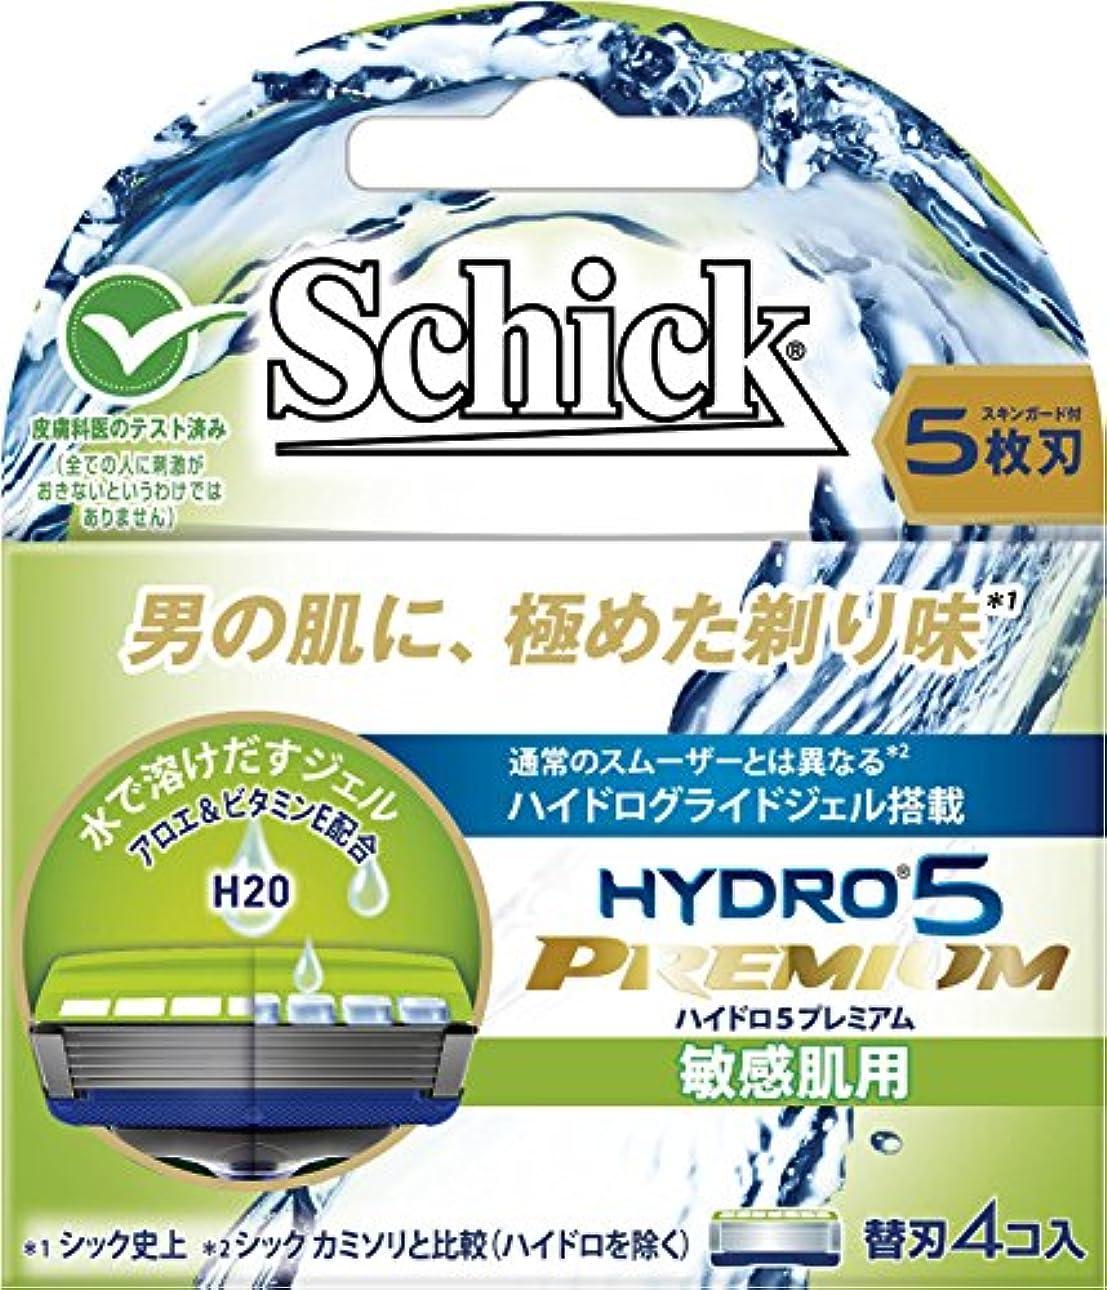 シック ハイドロ5プレミアム 替刃 敏感肌用 4コ入